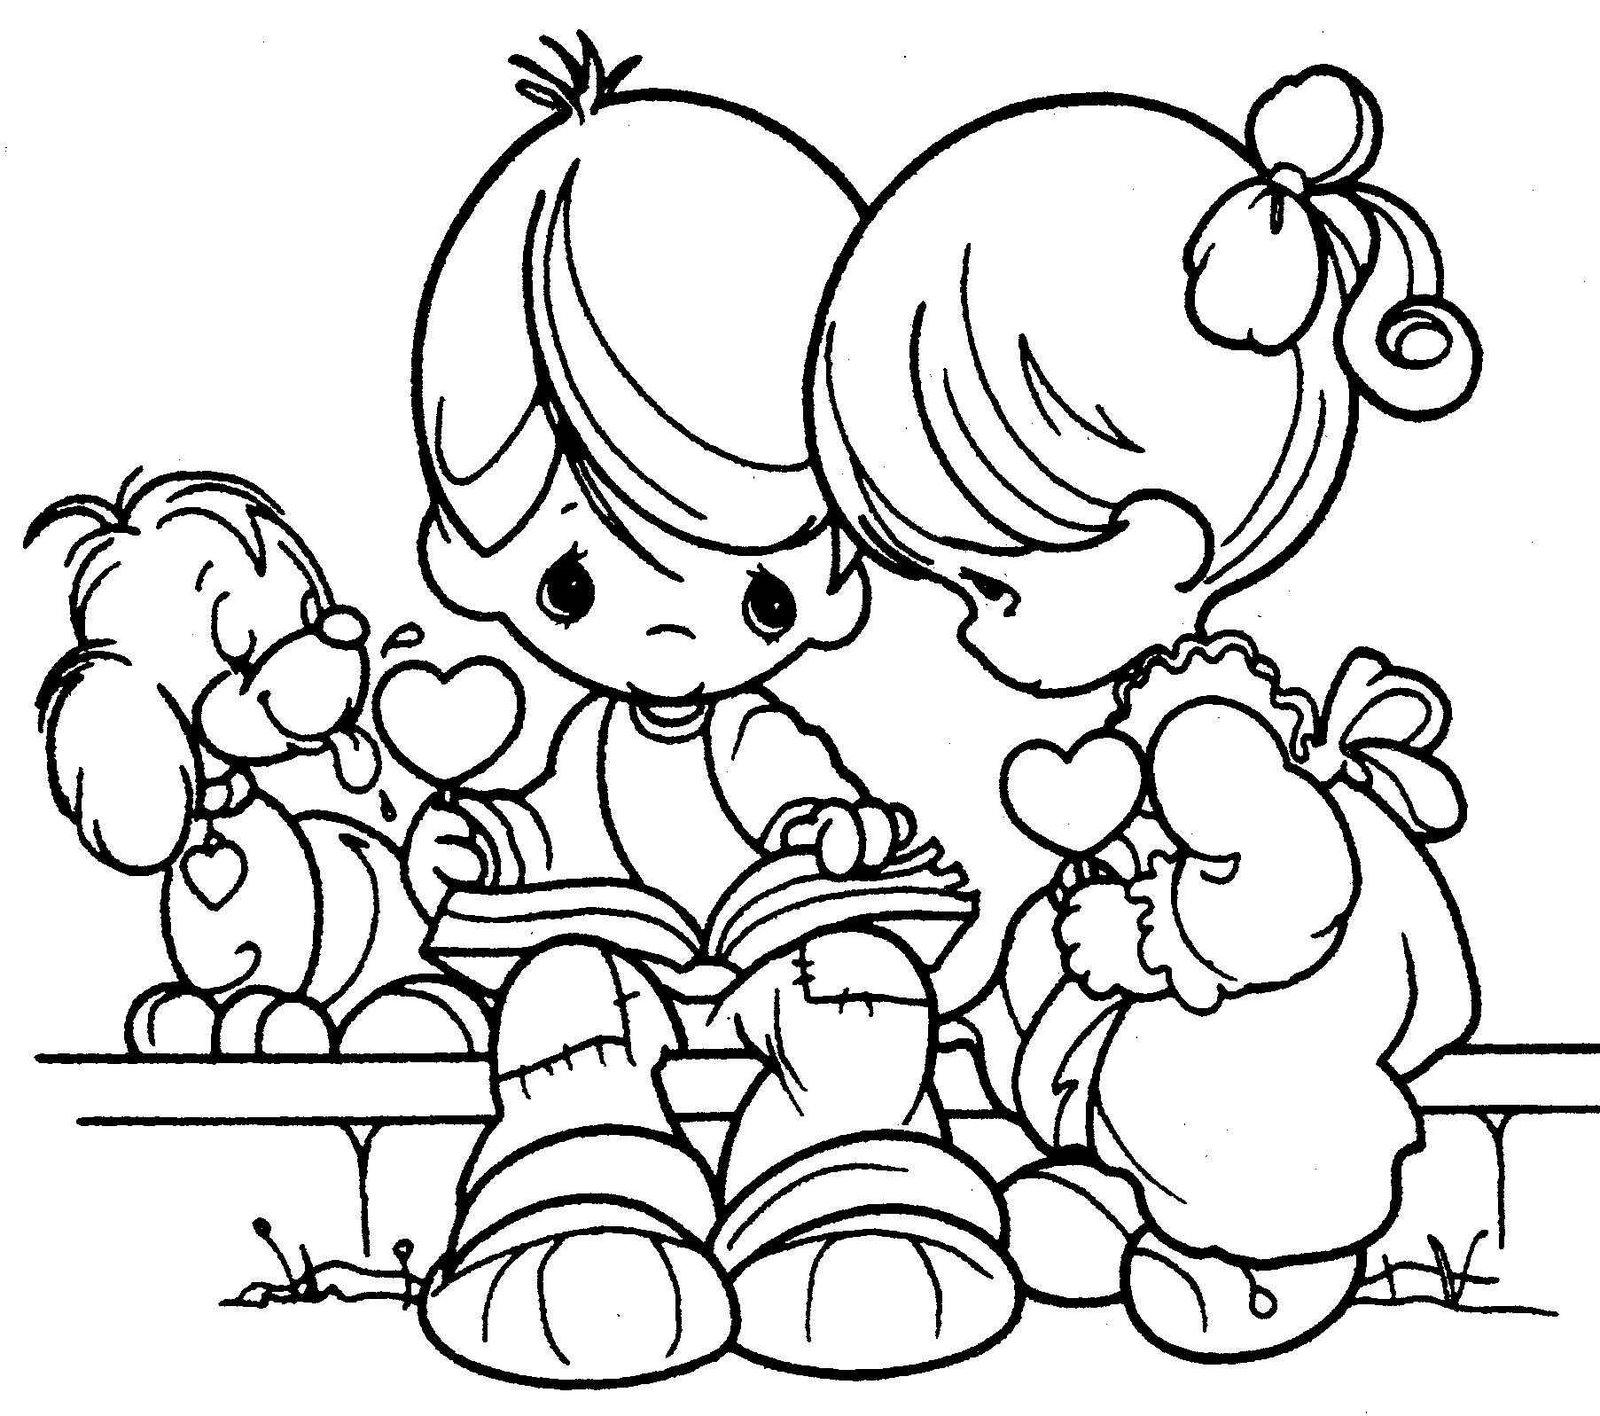 Dibujos para colorear del dia del amor y la amistad   SarcoImagen ...